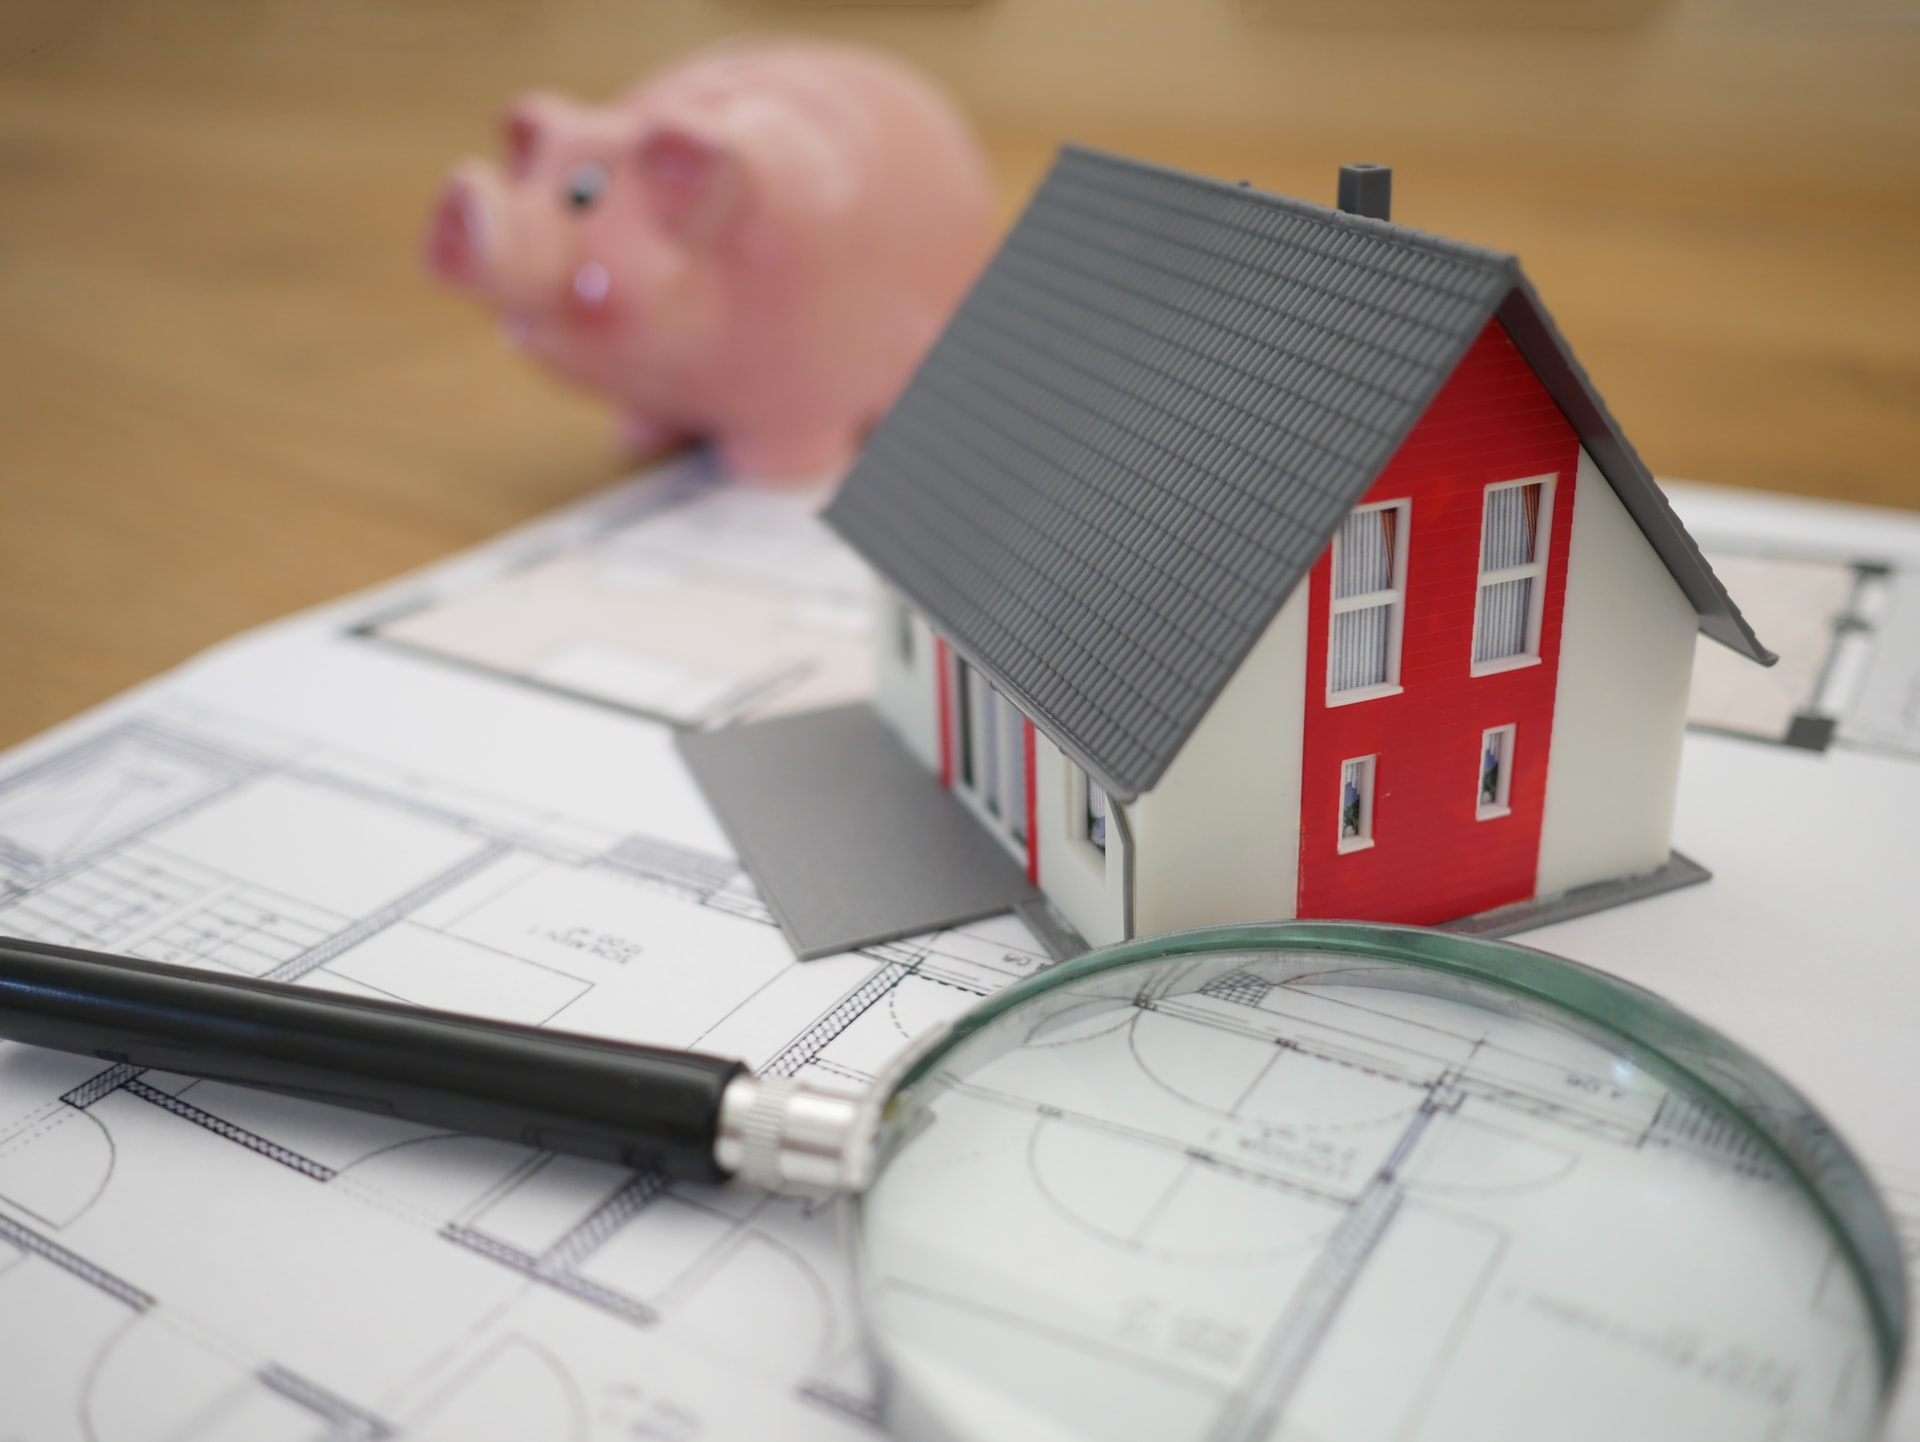 Economista Pérez Ducy propone canalizar fondos personales de las AFP para relanzar la economía con la inversión en primeras viviendas.